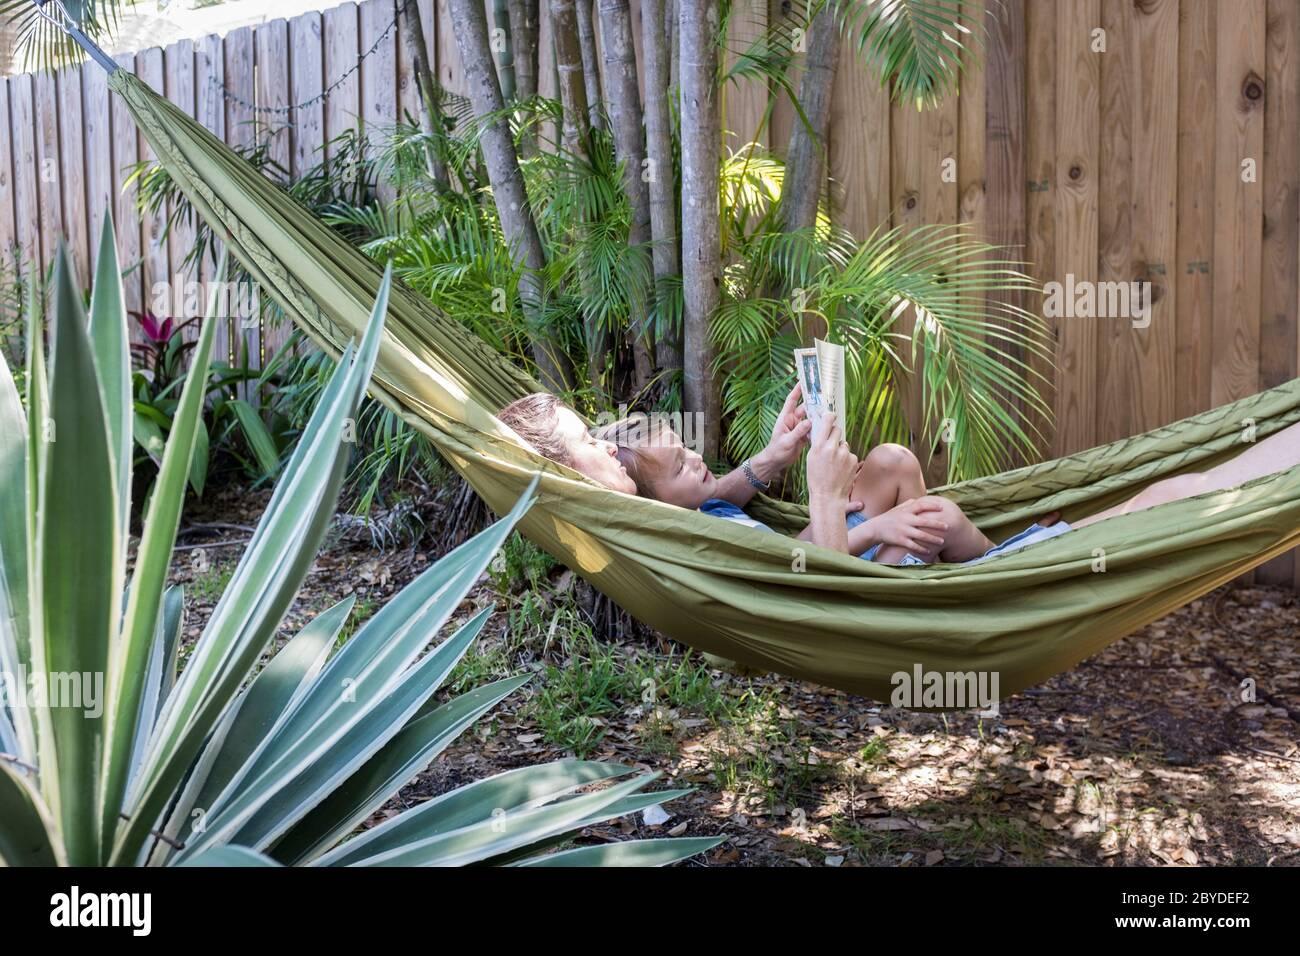 Une mère et un fils sont dans un hamac et lisent ensemble un livre d'images dans leur arrière-cour à Miami, en Floride. Banque D'Images